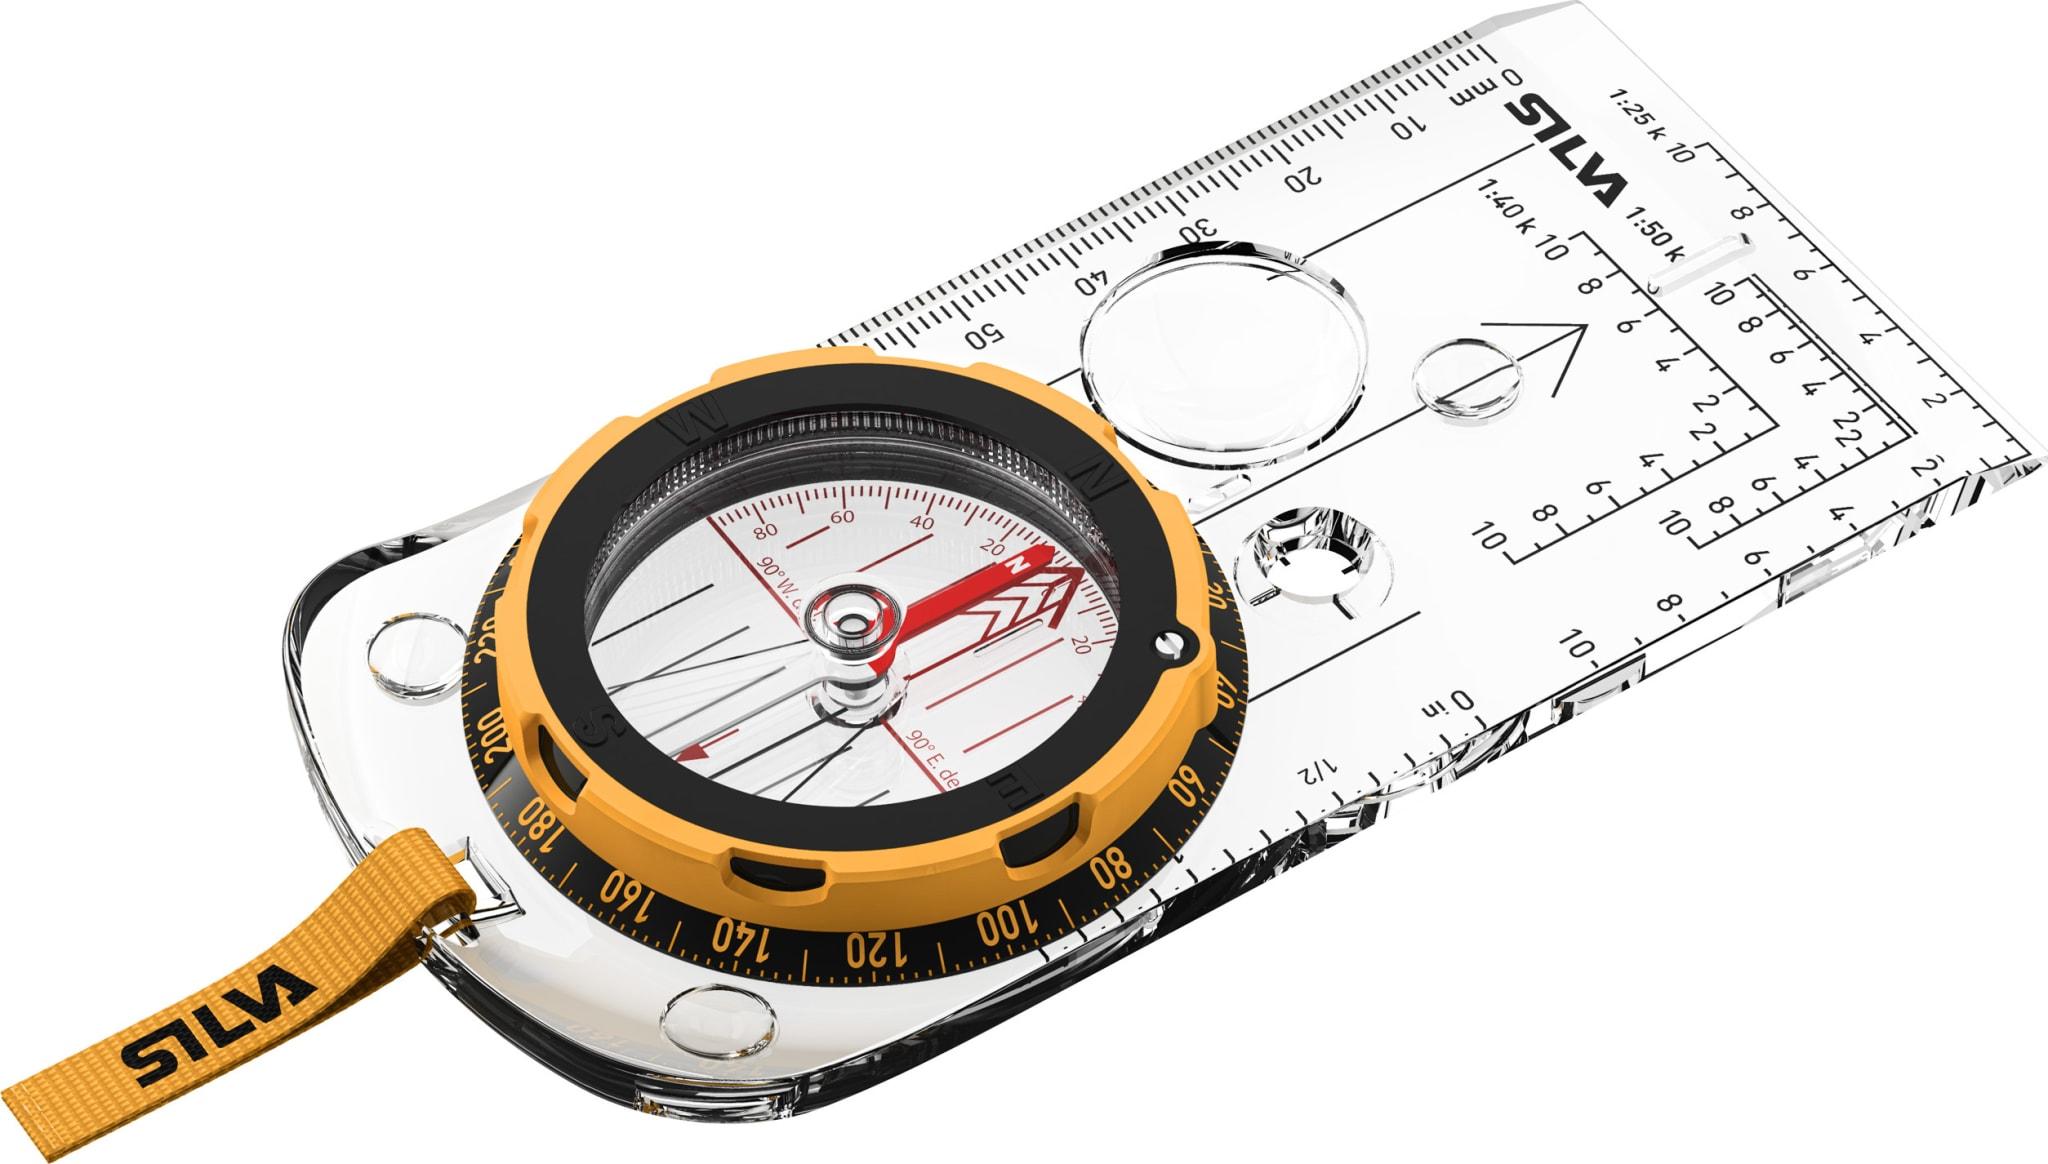 Kvalitetskompas med clinometer